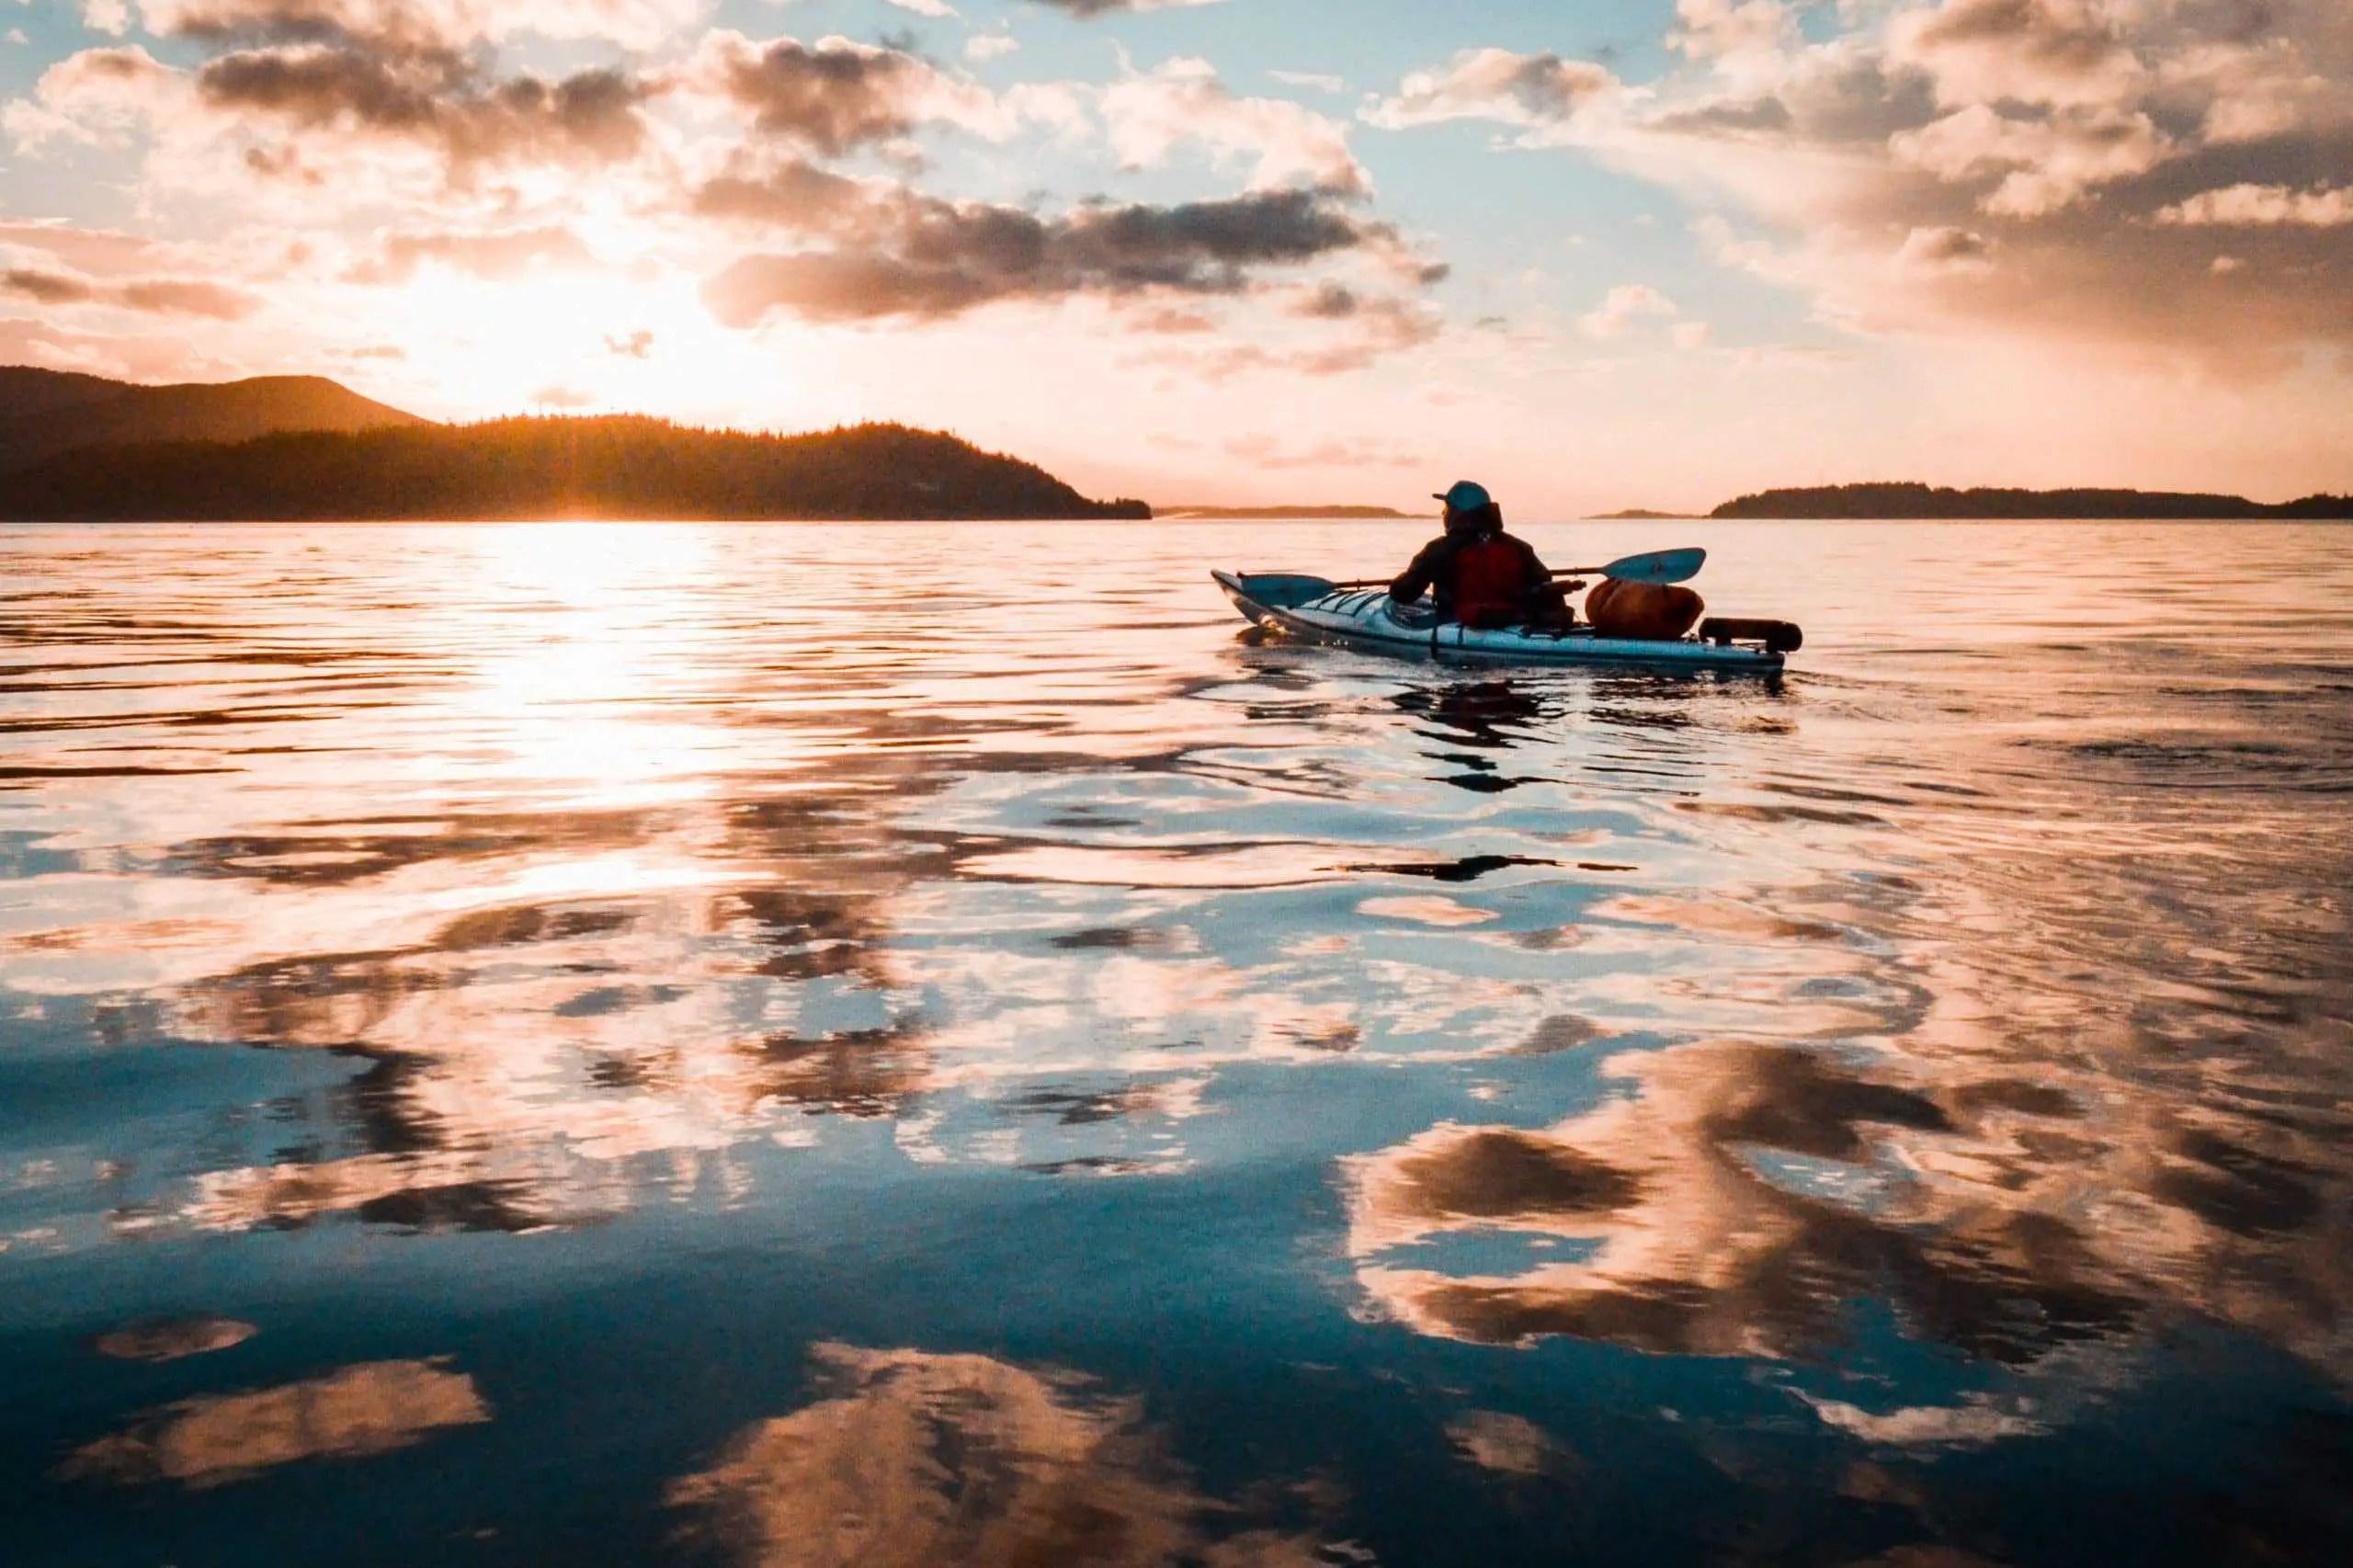 when does kayaking season start?